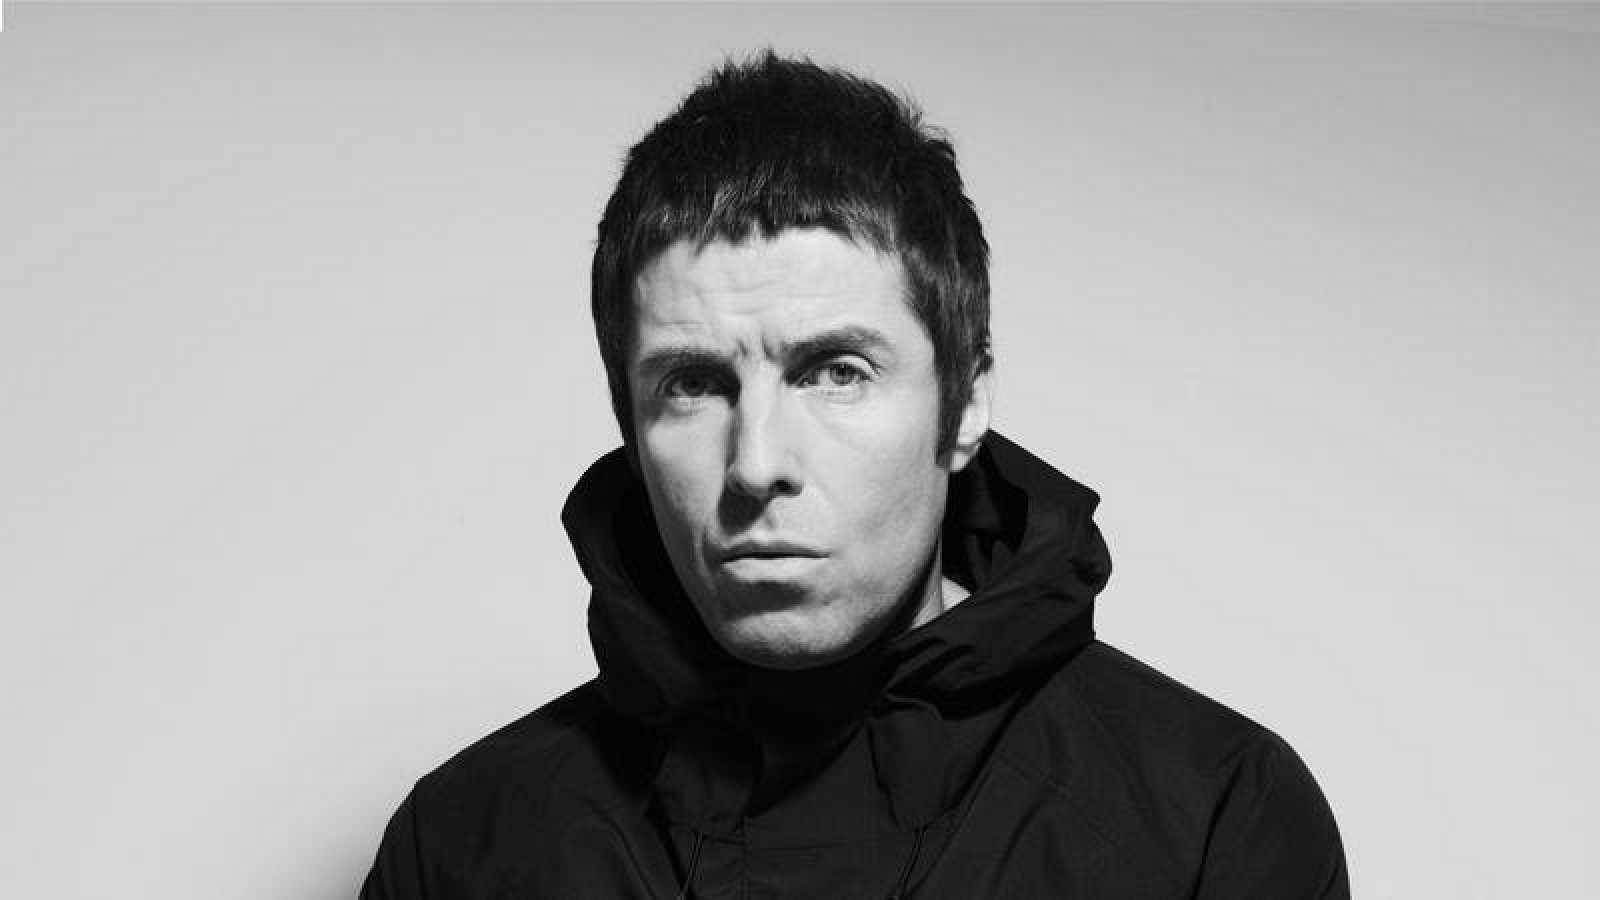 Liam Gallagher traerá al FIB su reciente estreno como solista 'As you were'